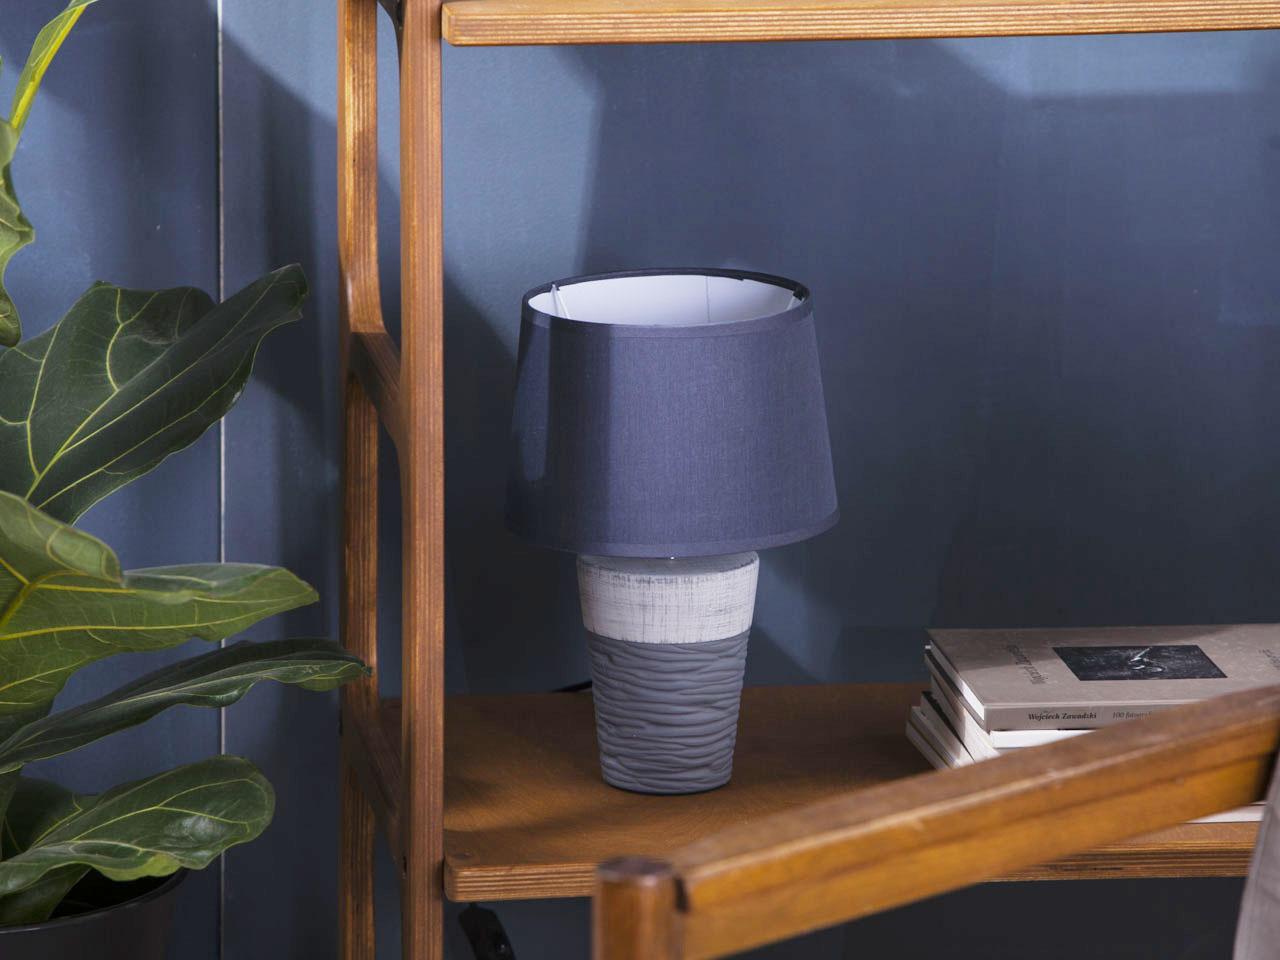 Lampa stożkowa z podstawką ceramiczną Altom Design 20x30 cm